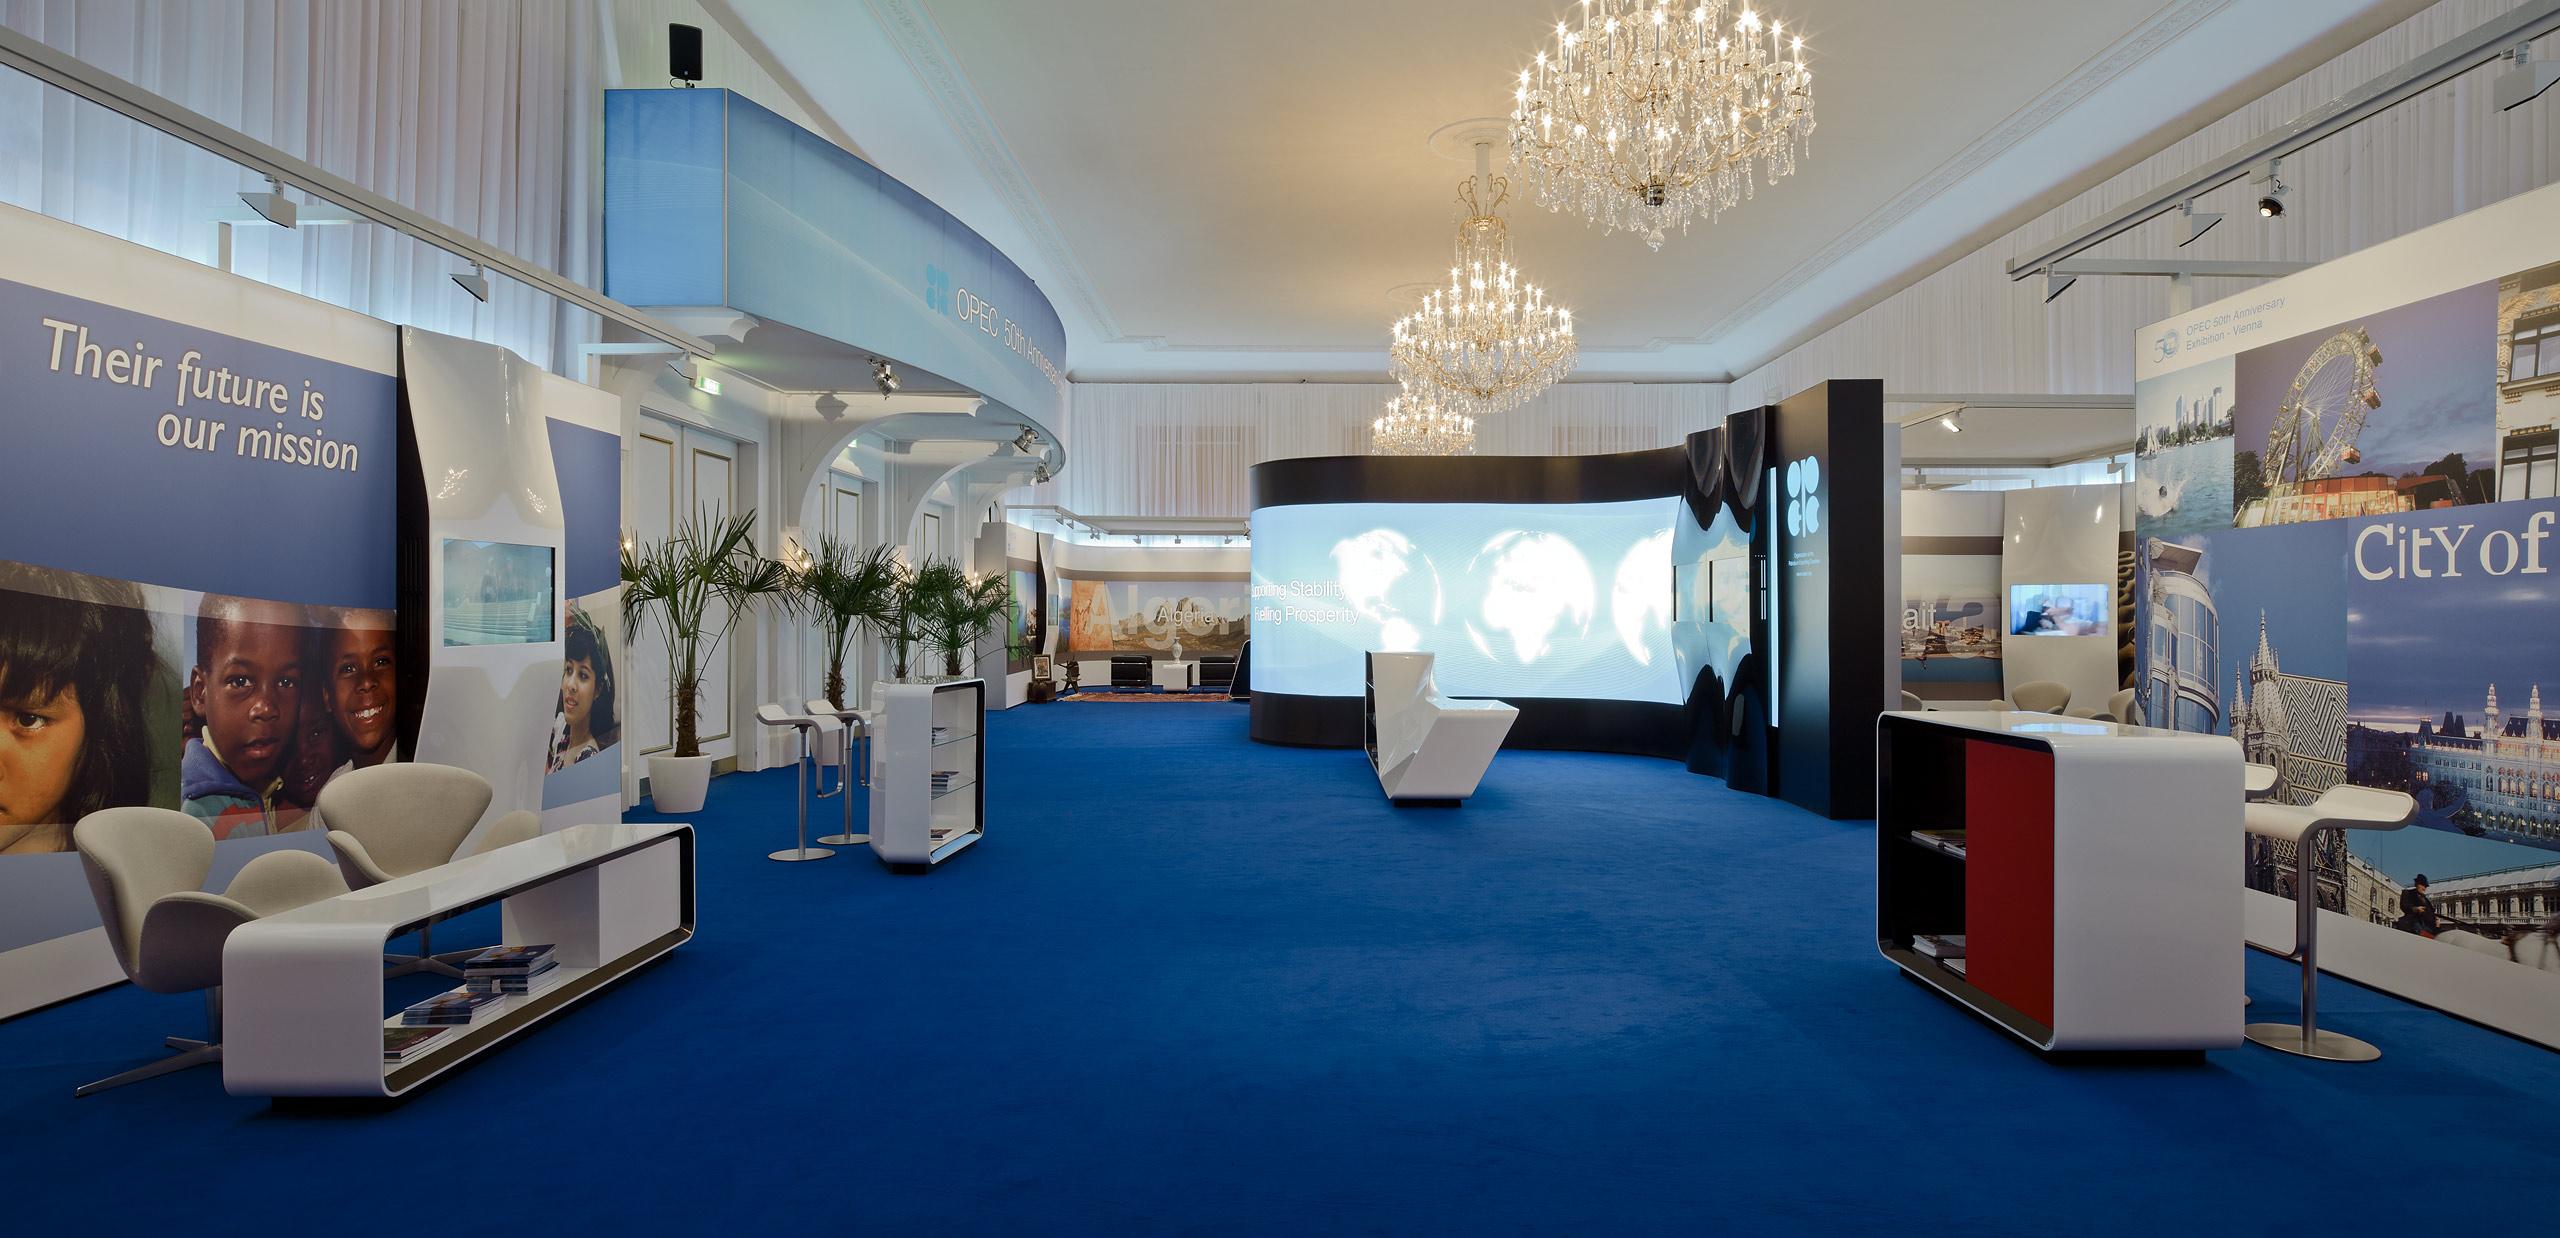 OPEC Exhibition